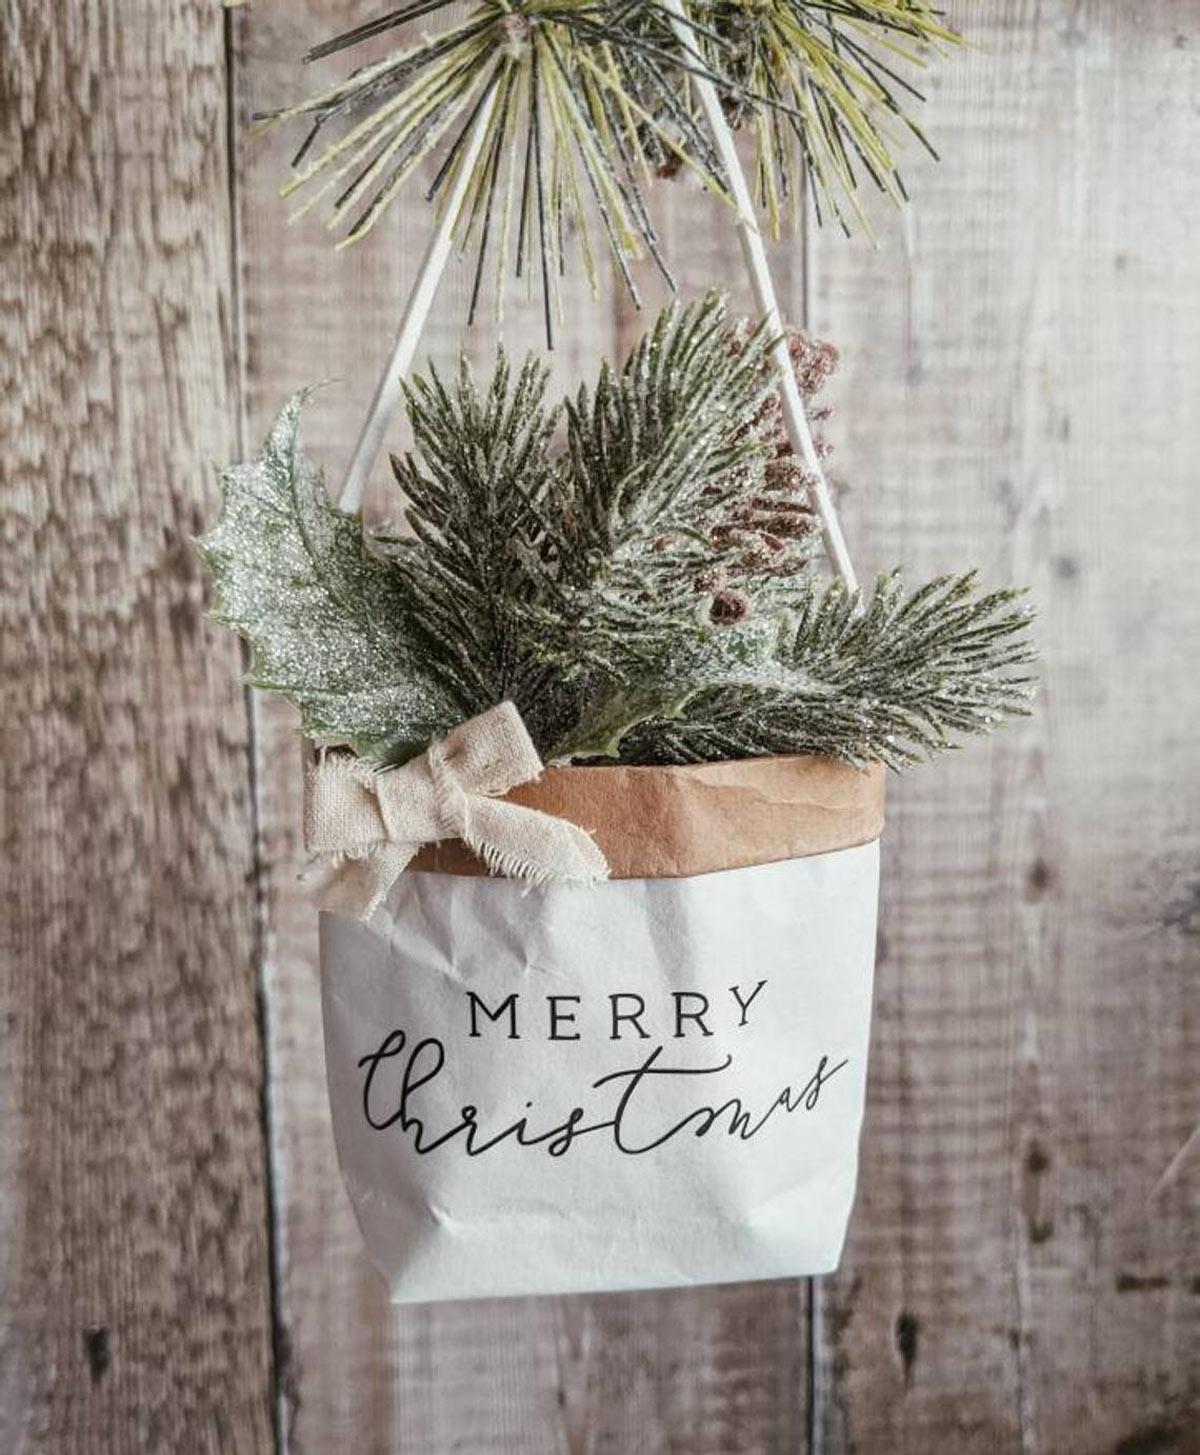 Cachepot originale e fai da te per decorare a Natale